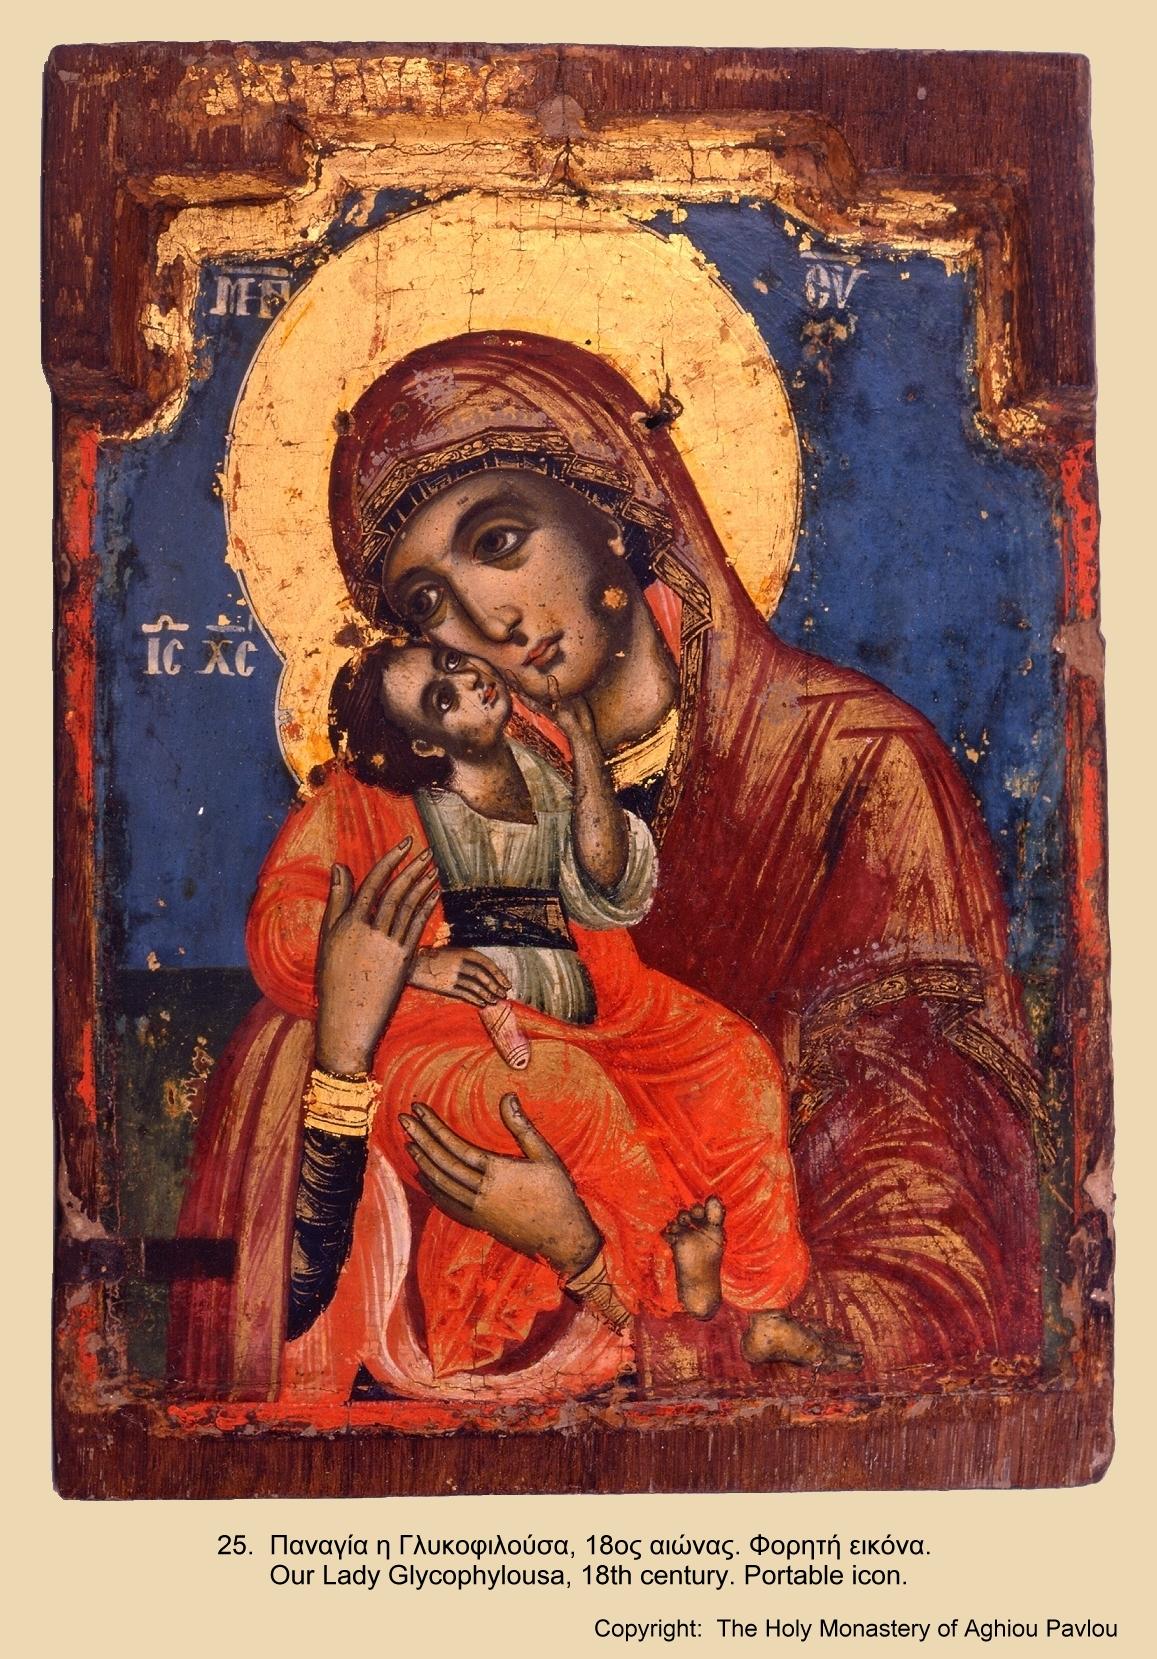 Иконы монастыря св. Павла (151)